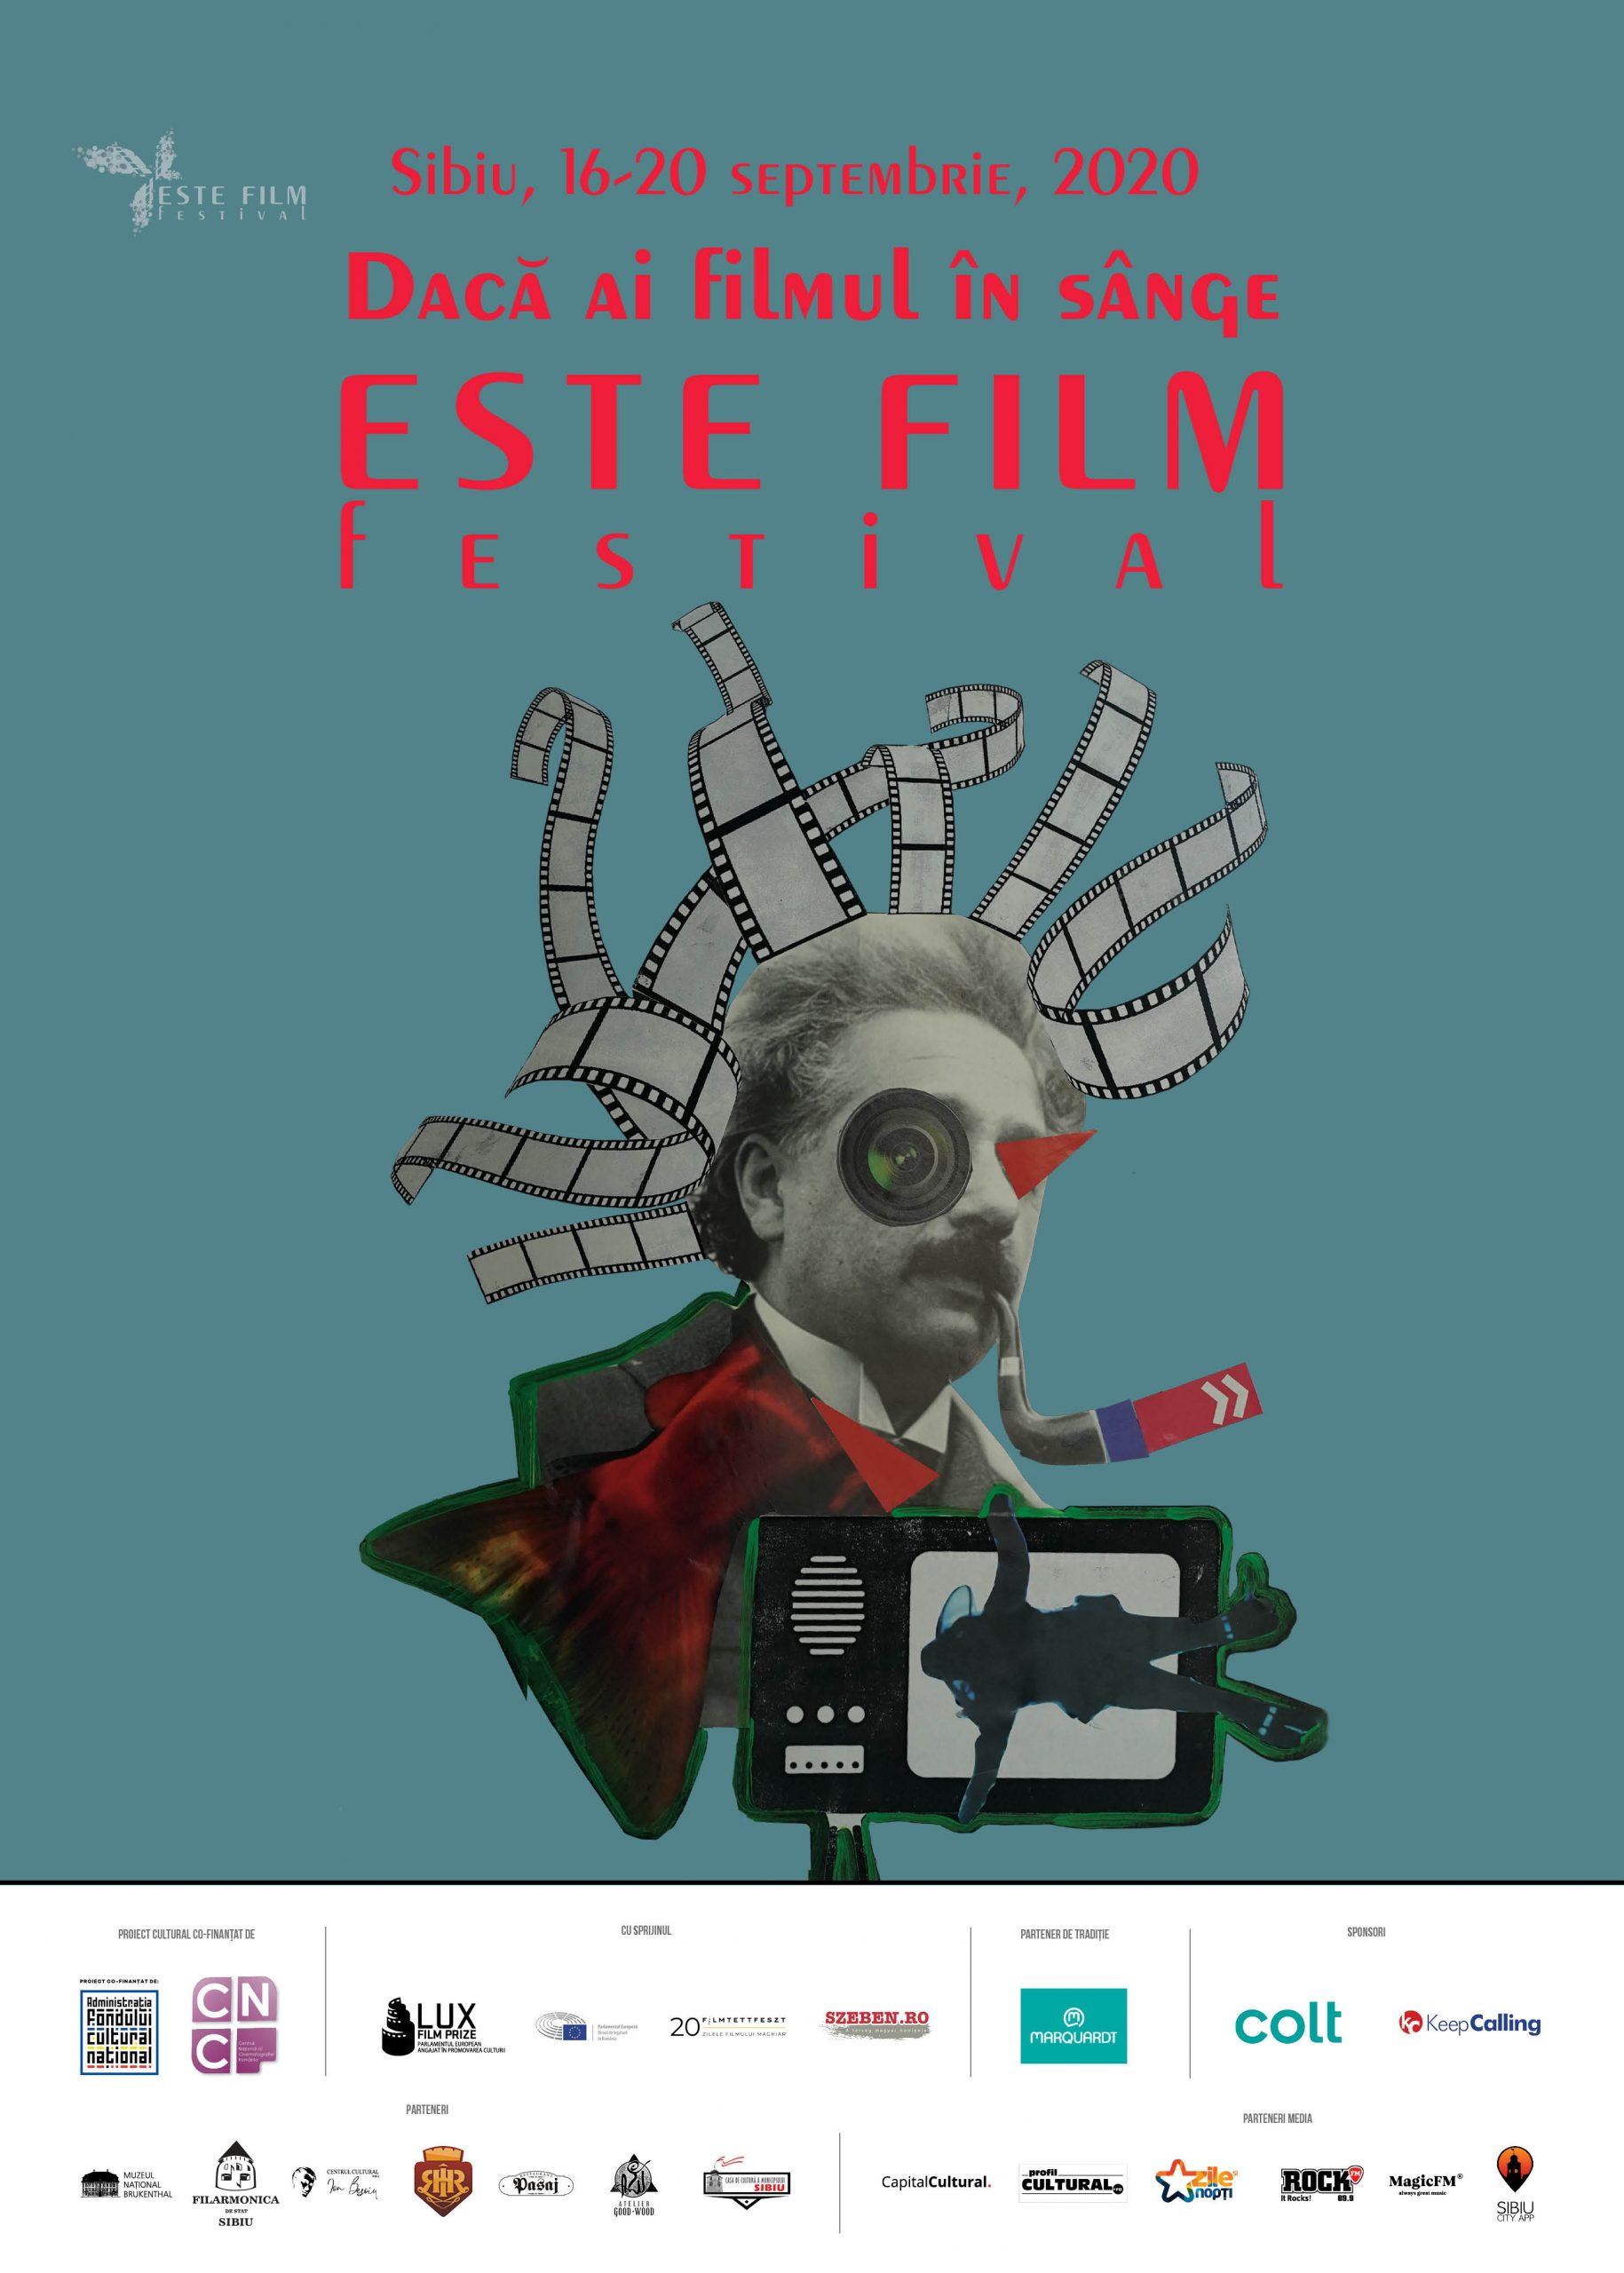 Malmkrog, cel mai recent film în regia lui Cristi Puiu, deschide ESTE Film Festival